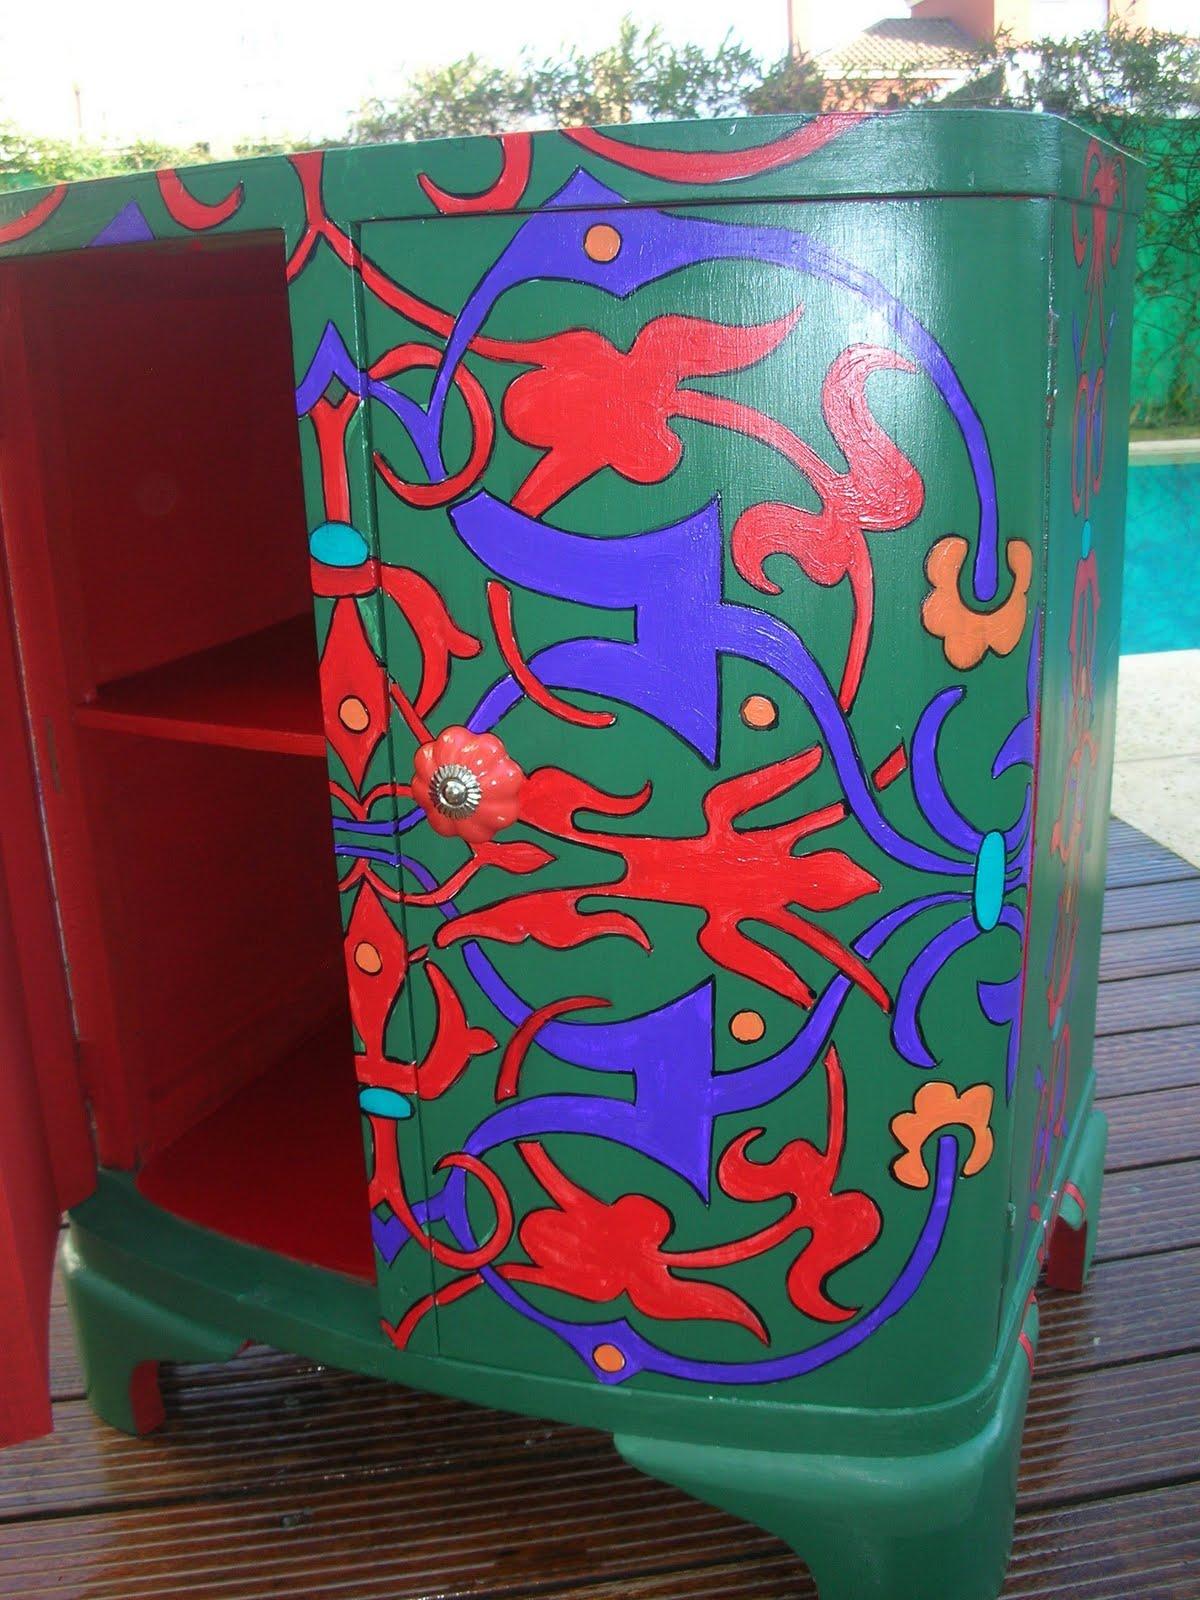 Vintouch muebles reciclados pintados a mano mueble - Reformar muebles viejos ...